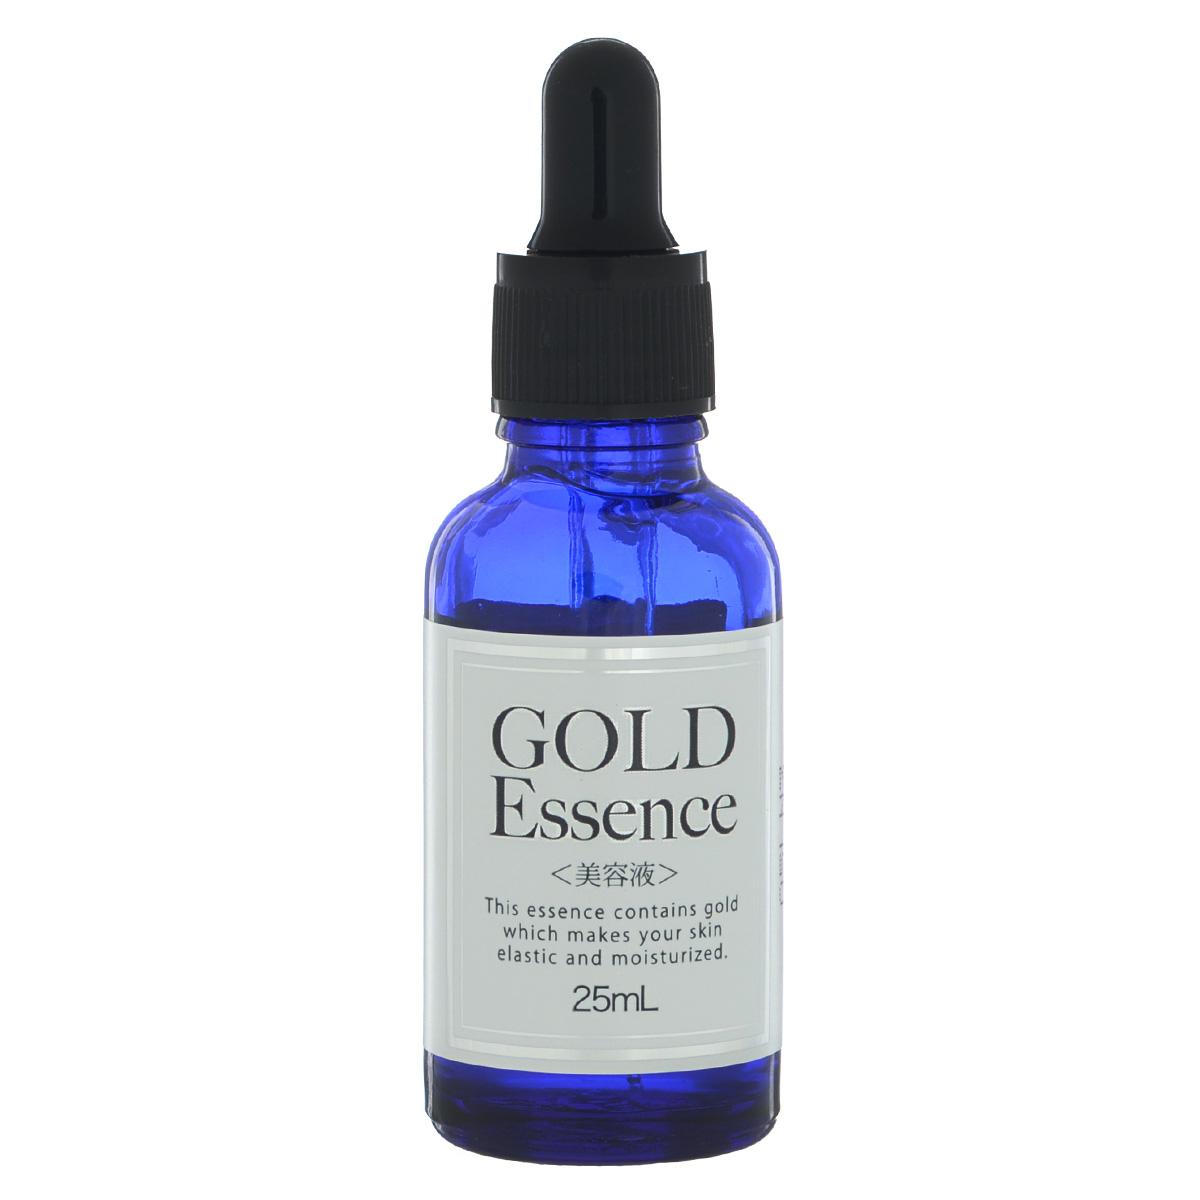 Japan Gals Сыворотка с золотым составом Pure beau essence 25 мл72523WDЗолото, являясь лучшим проводником, встраивается между клетками и возобновляет нарушенные обменные процессы в коже. Улучшается клеточное дыхание и поставка питательных веществ в каждую клеточку, выводятся токсины.АрбутинАрбутин блокирует в коже синтез пигмента меланина, отбеливает пигментные пятна,борется с нежелательной пигментацией и смягчает кожу.Витамин СВосстанавливает кожу от повреждений, вызванных ультрафиолетовыми лучами,интенсивно стимулирует процессы обновления и омоложения в коже: выравнивает цвет лица,усиливает синтез коллагена, повышает защитные функции кожи.Гиалуроновая кислотаБлагодаря гиалуроновой кислоте кожа удерживает влагу, восстанавливая упругость.Эффект: подтягивает кожу и оказывает омолаживающее действие.СПОСОБ ПРИМЕНЕНИЯ: Сыворотка наносится на чистое лицо, после умывания. С помощью пипетки выдавите необходимое количество сыворотки на руки (2-3 пипетки на одно применение) и нанесите на лицо по массажным линиям, слегка вбивая подушечками пальцев.Предупреждение: при выраженной несовместимости, прекратите использование. При появлении на коже красных пятен, опухания, зуда, раздражения прекратить использования и проконсультироваться с врачом.После открытия упаковки использовать в течение 60 дней.Хранение: хранить в прохладном и темном месте при температуре не выше 25 градусов.Состав: Вода, бутилен гликоль, DPG, гиалуроновая кислота, а-арубутин, золото , аскорбил фосфат Mg, гидроксиэтилцеллюлоза, ксантановая камедь, каприлилгликоль, феноксиэтанол, лимонная кислота Na, лимонная кислота.